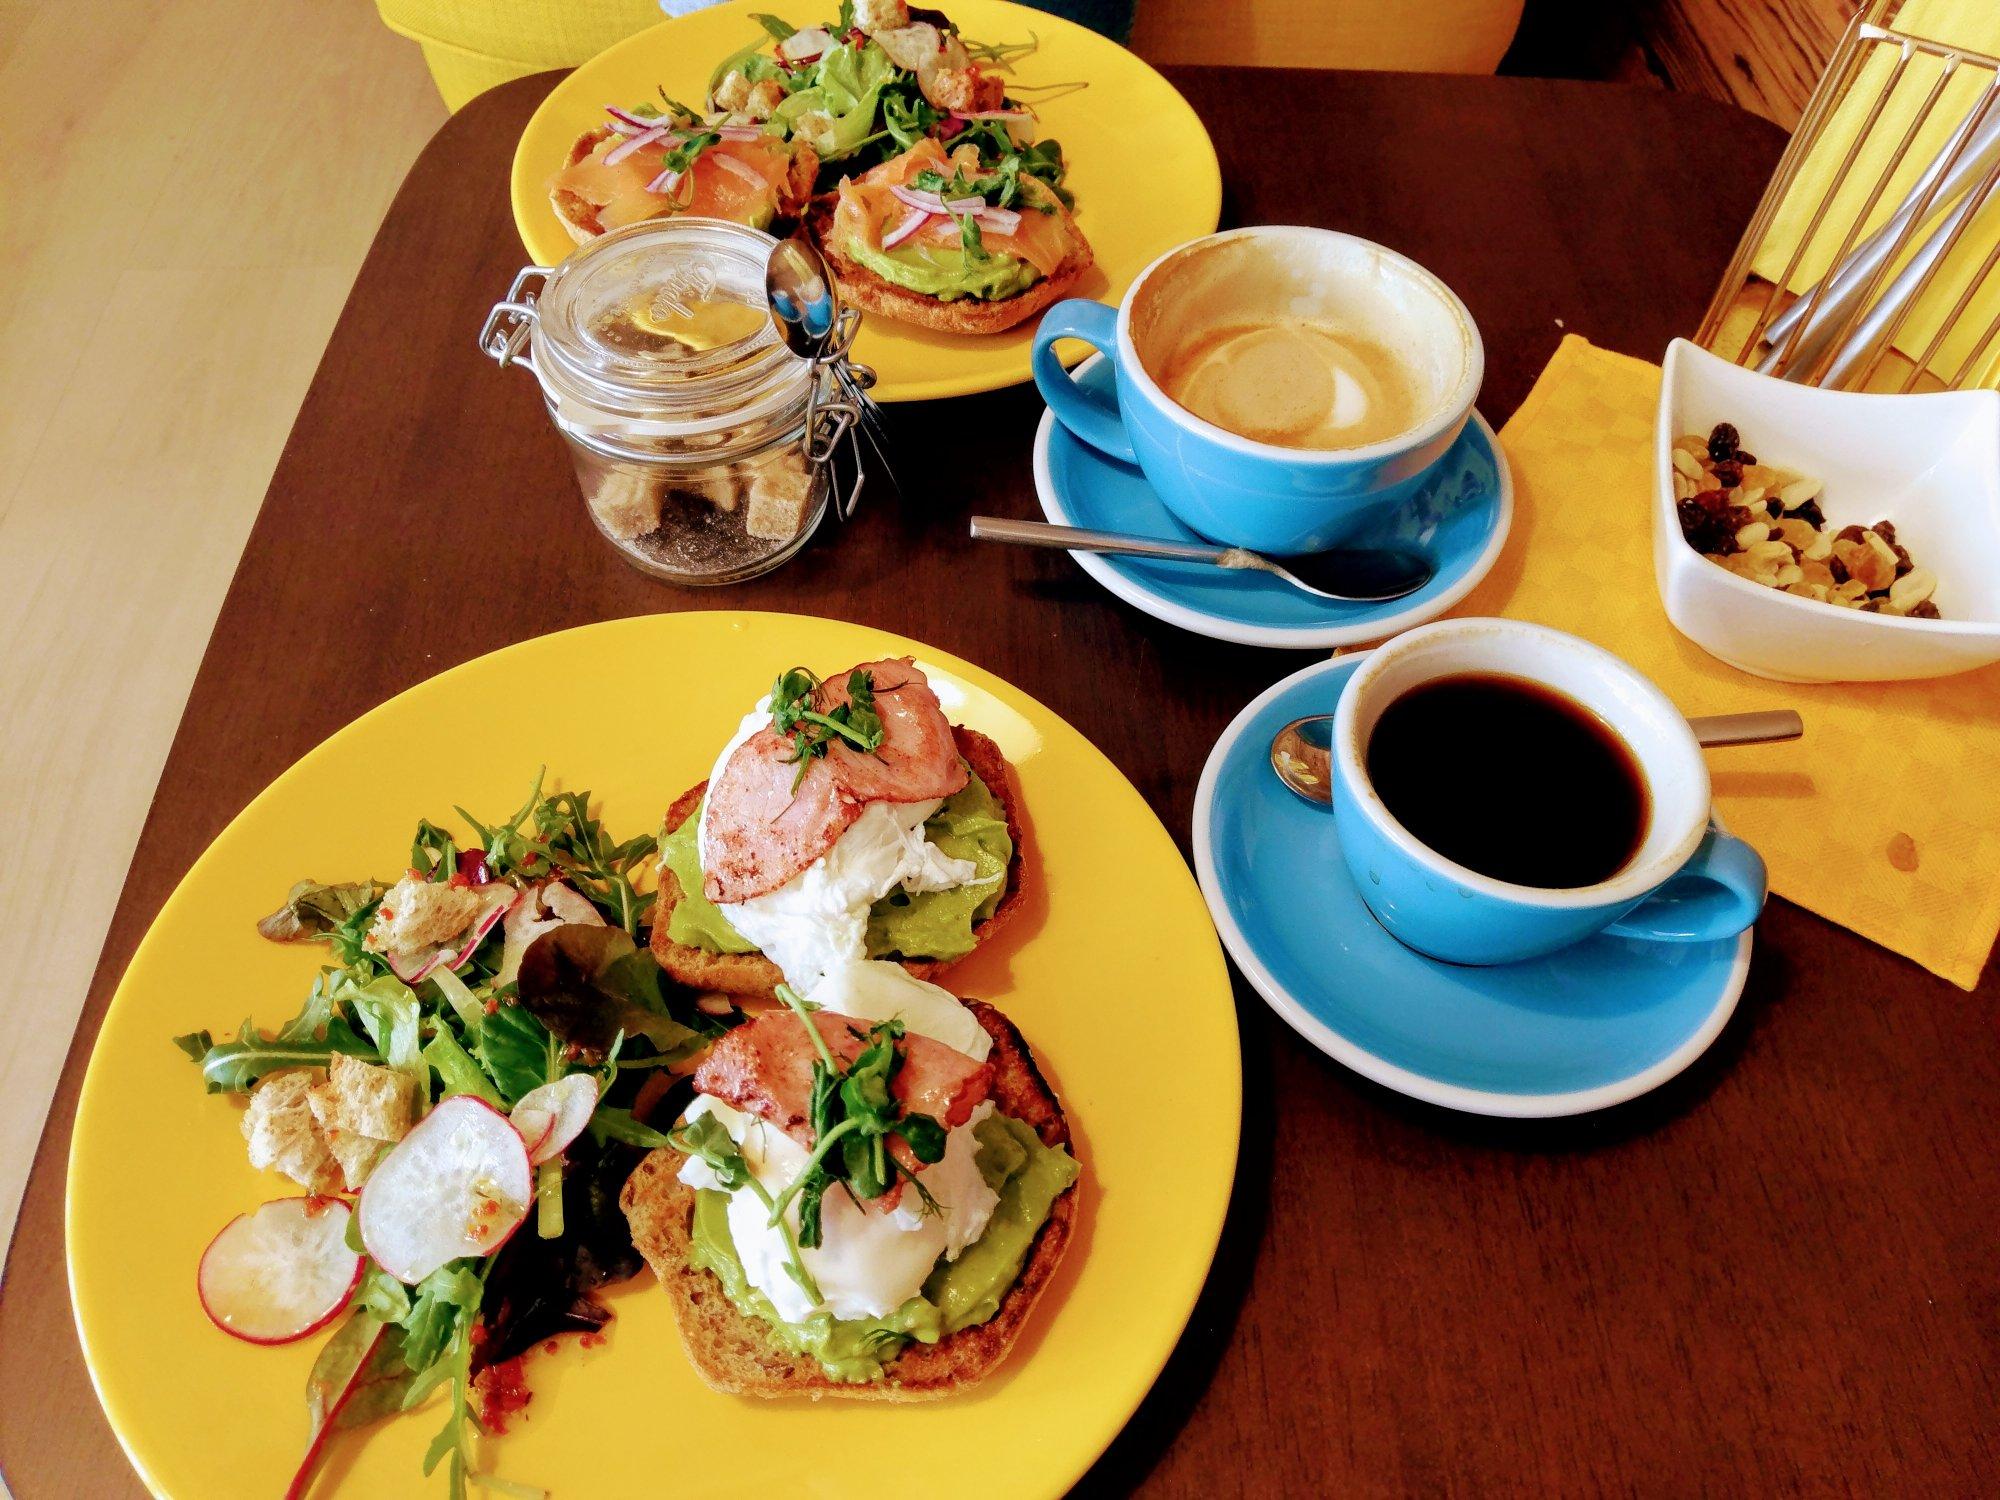 ACADEMIA coffee and breakfast bar